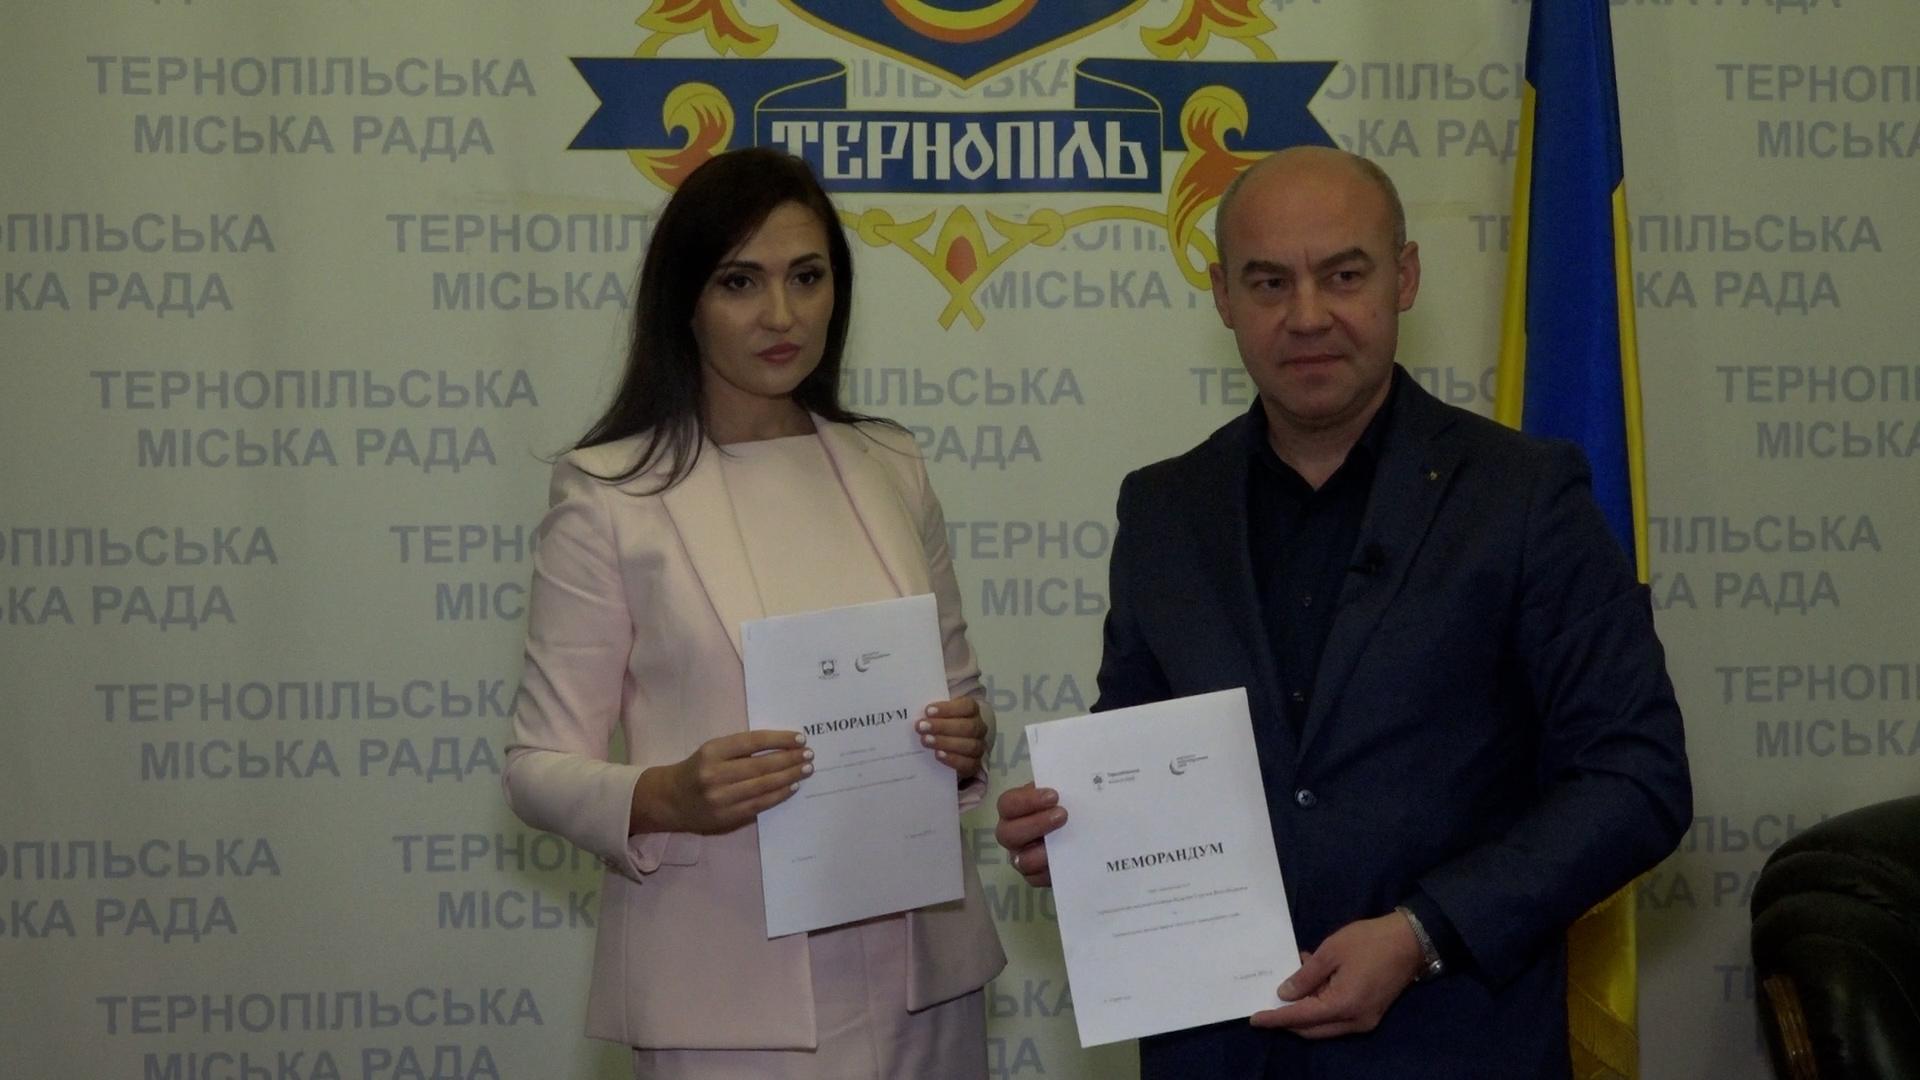 Представники інституту законодавчих ідей  і Тернопільської міської ради домовилися про співробітництво